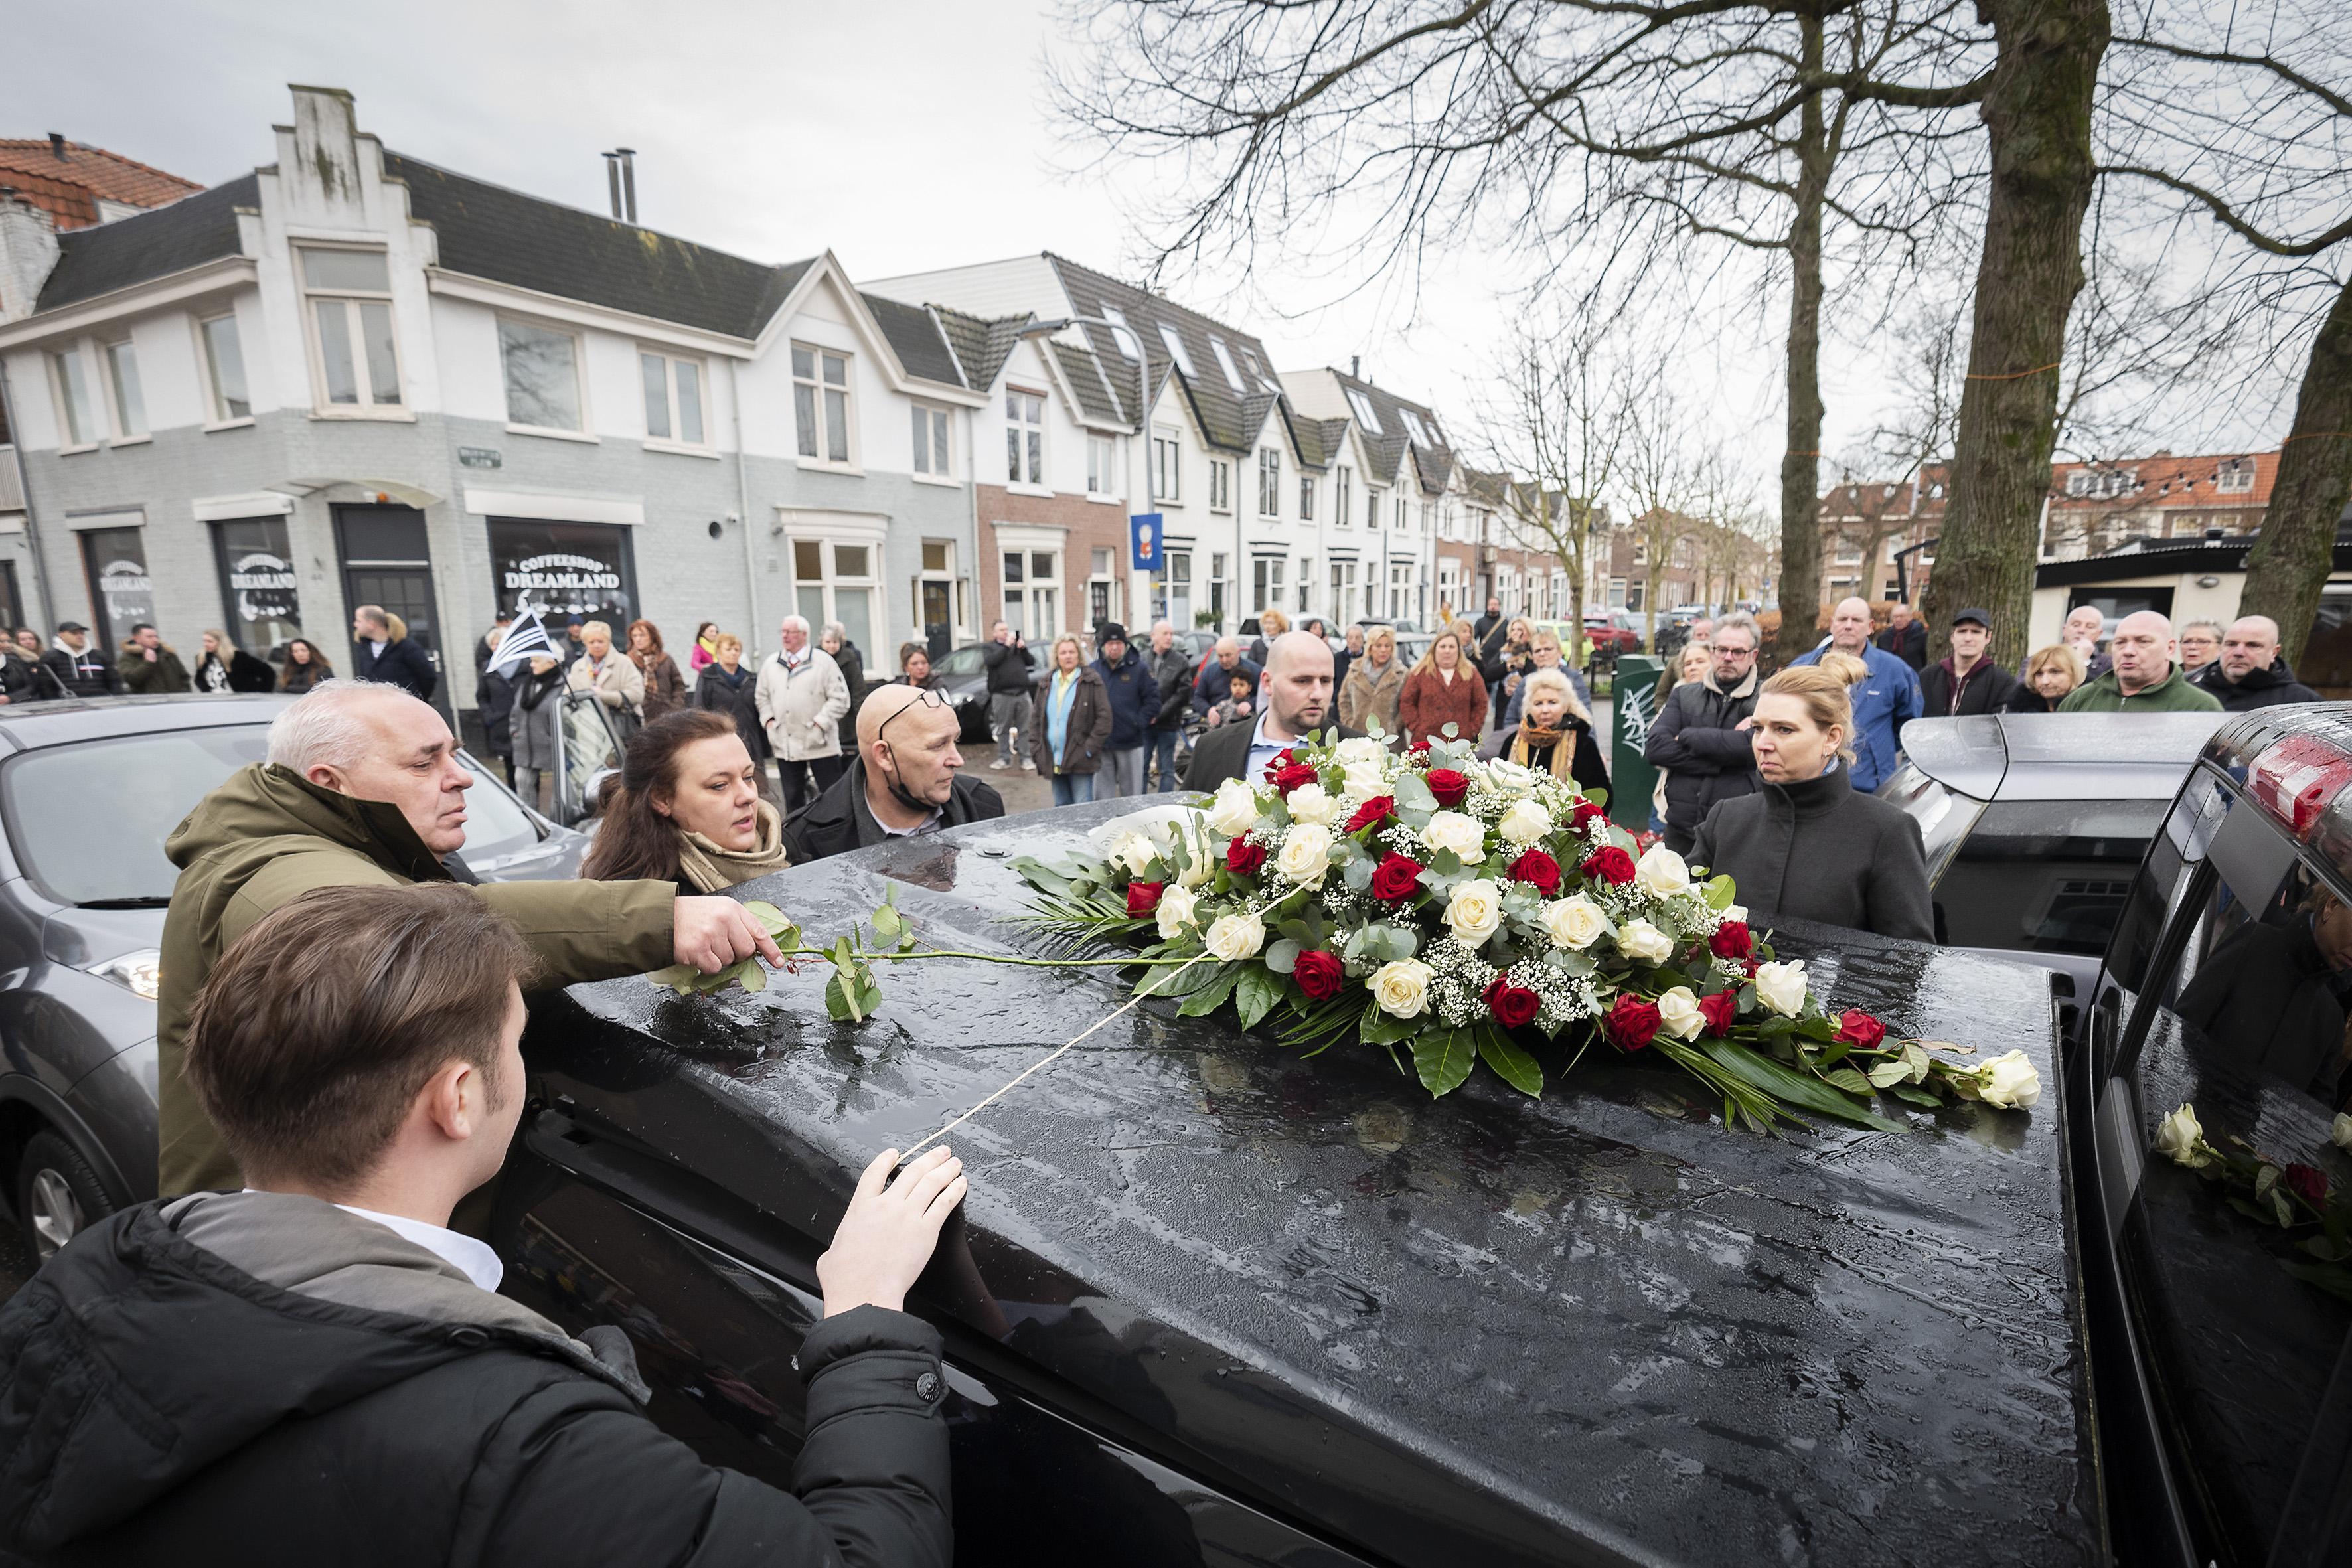 Laatste groet aan 'tante Bep' van snackbar 't Pleintje, hele generaties haalden in Haarlemse Leidsebuurt patat bij haar en Piet